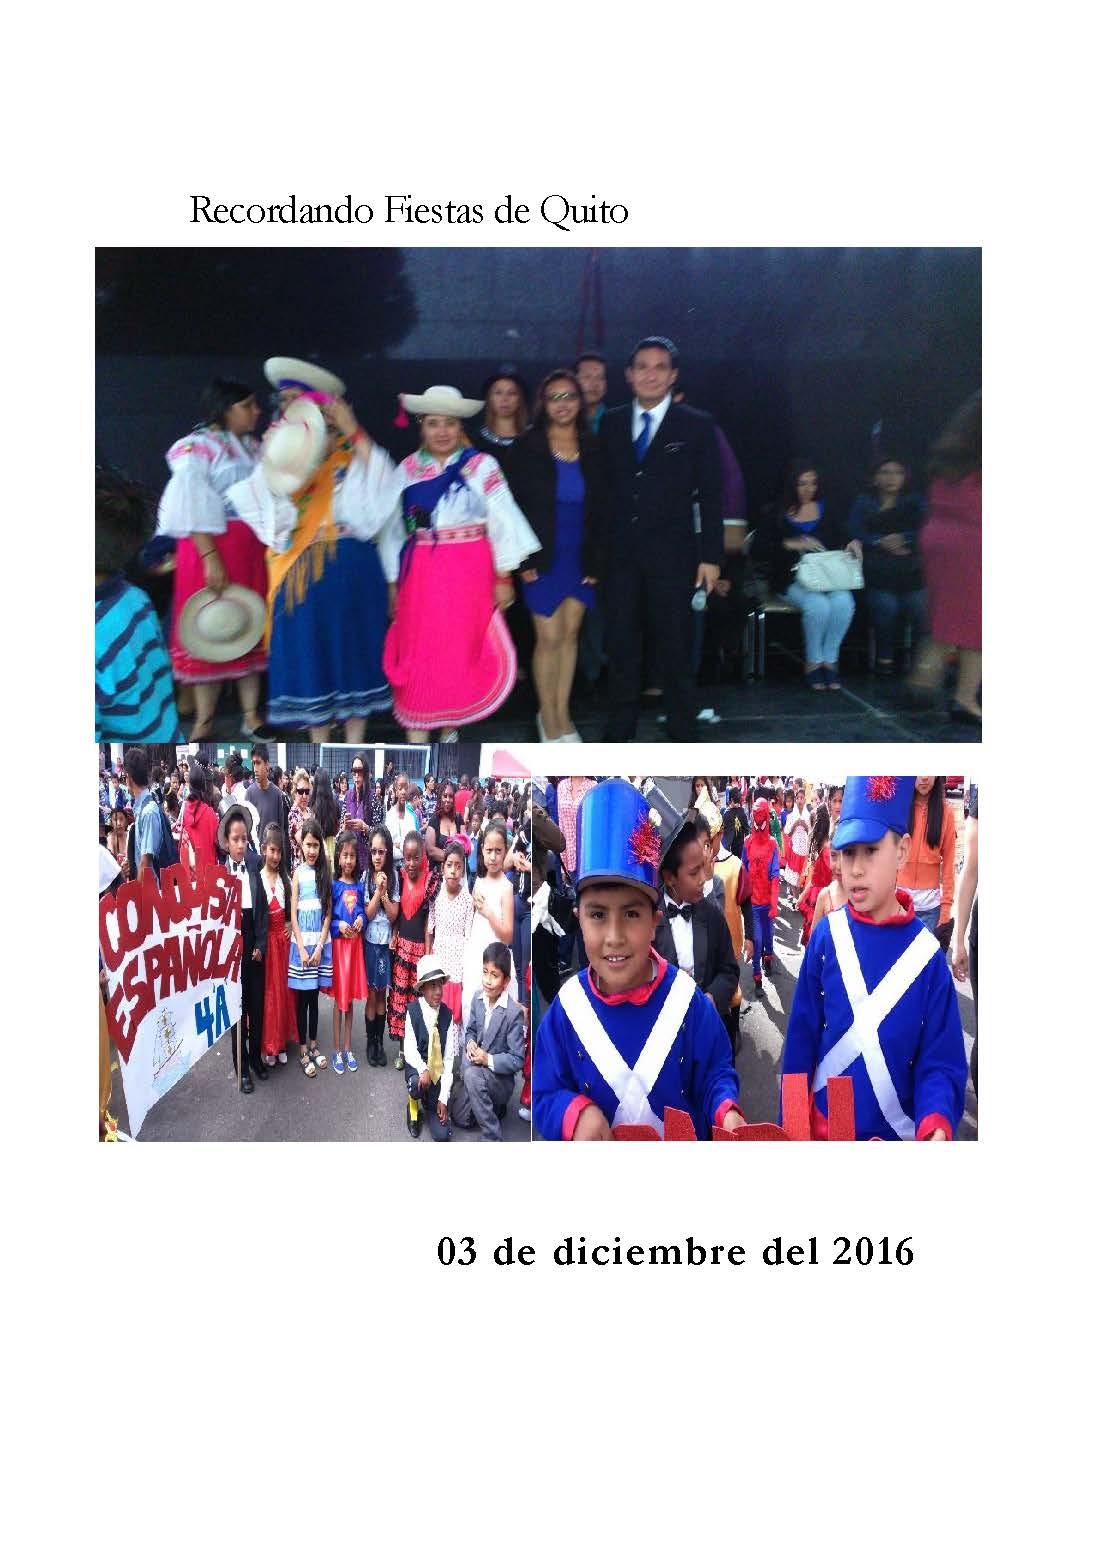 Recuerdos de las Fiestas de Quito Escuela de E.G.B. DIARIO EL COMERCIO Imagen 2